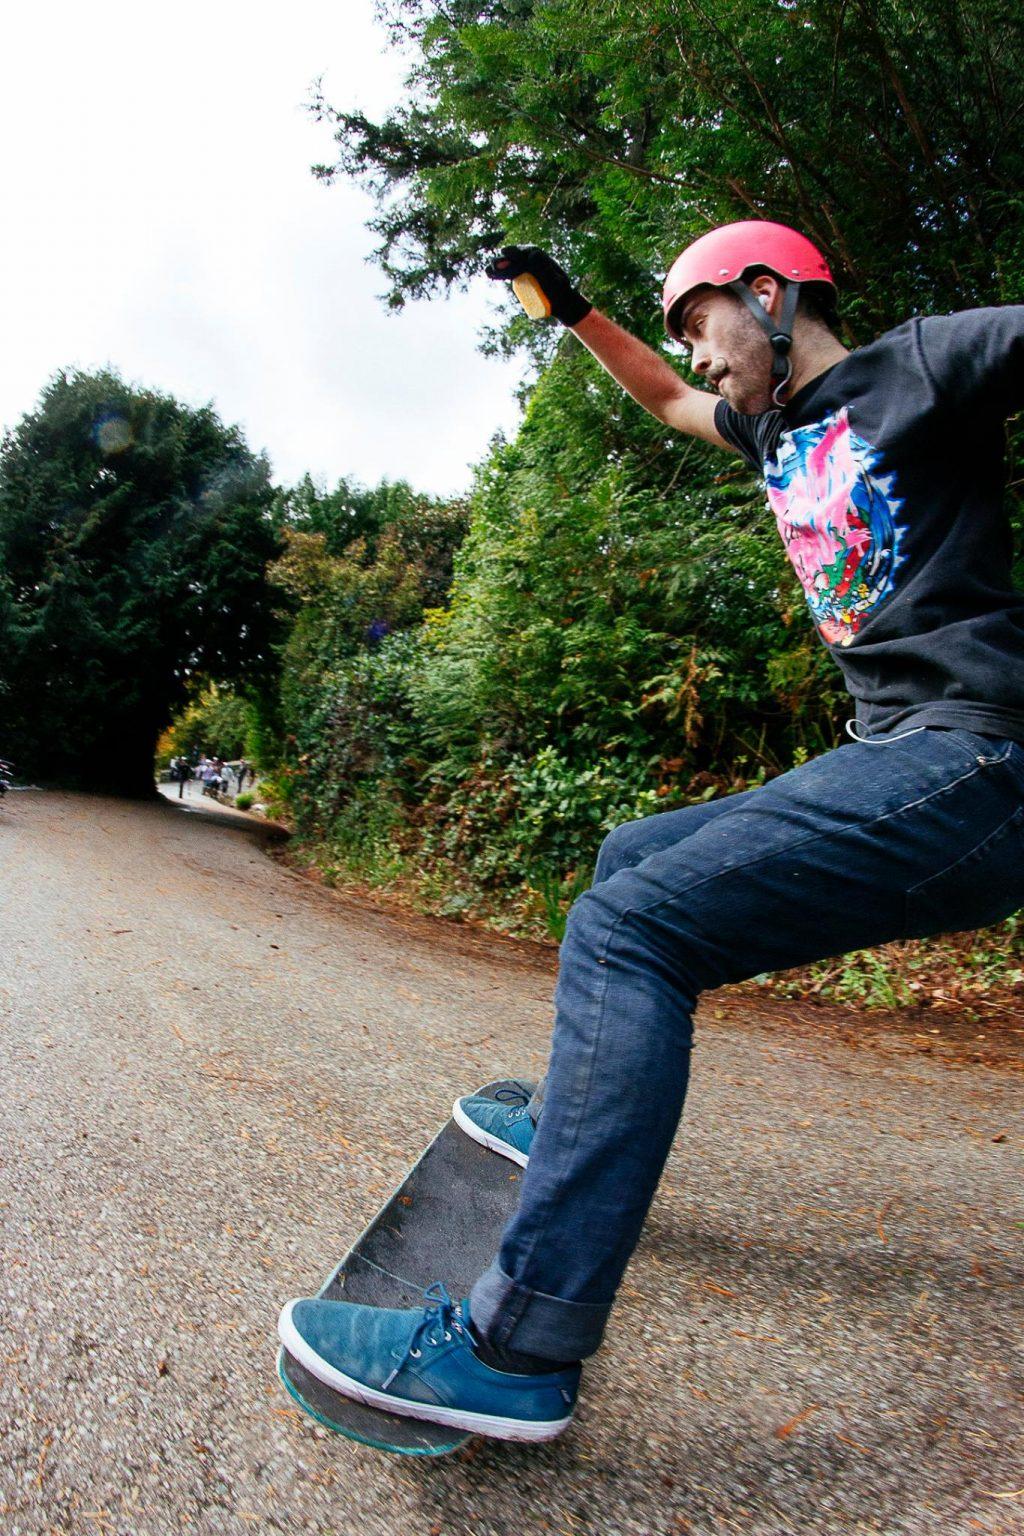 38-sam-galus-flatspot-longboards-valhalla-skateboards-higway-jam-highwayjamx-sho-ouellette-sho-stopper-longboarding